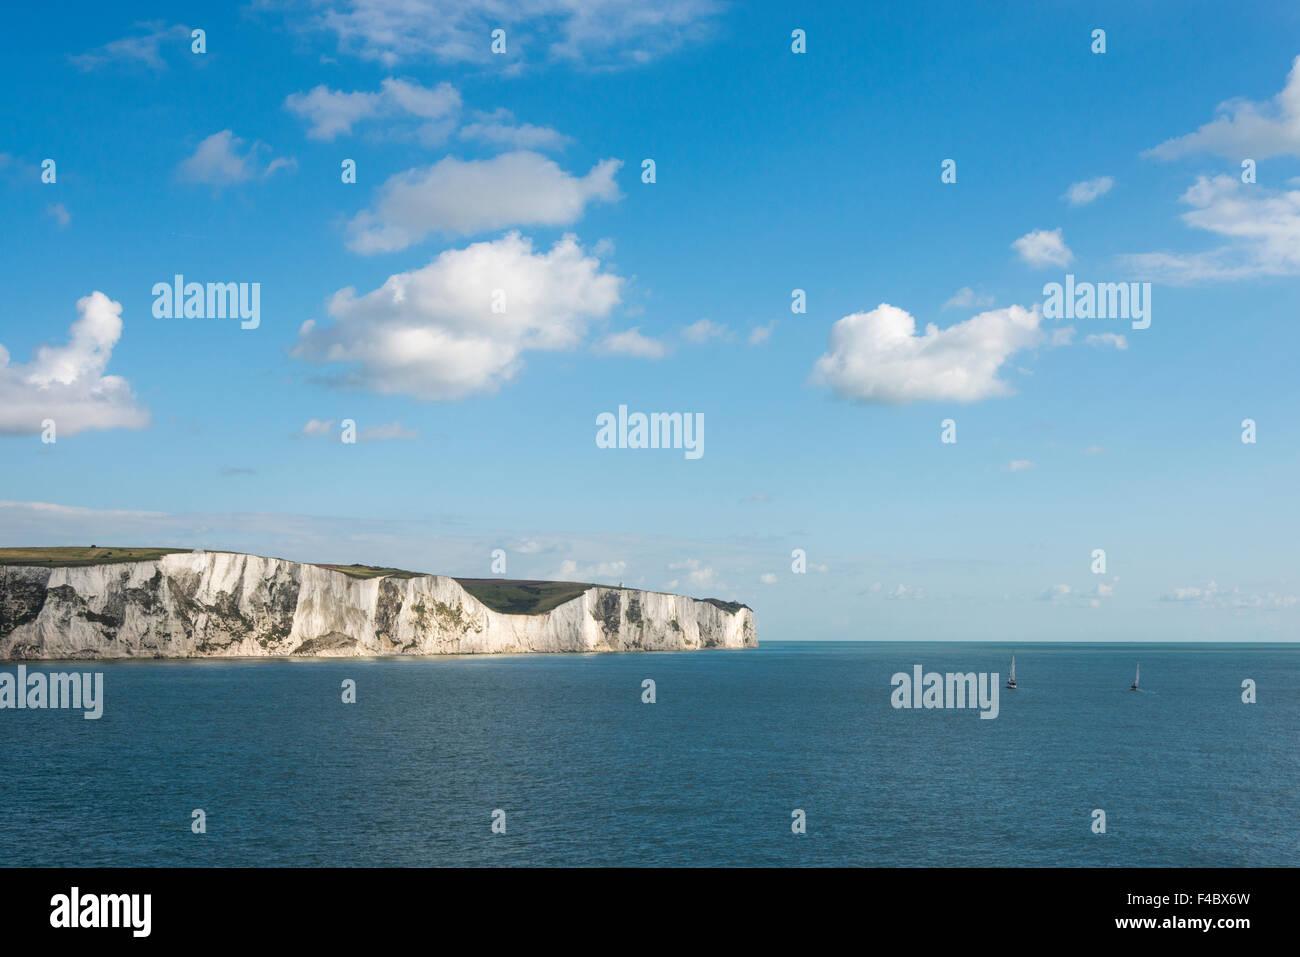 Les falaises blanches de Douvres sur la côte sud de l'UK Photo Stock